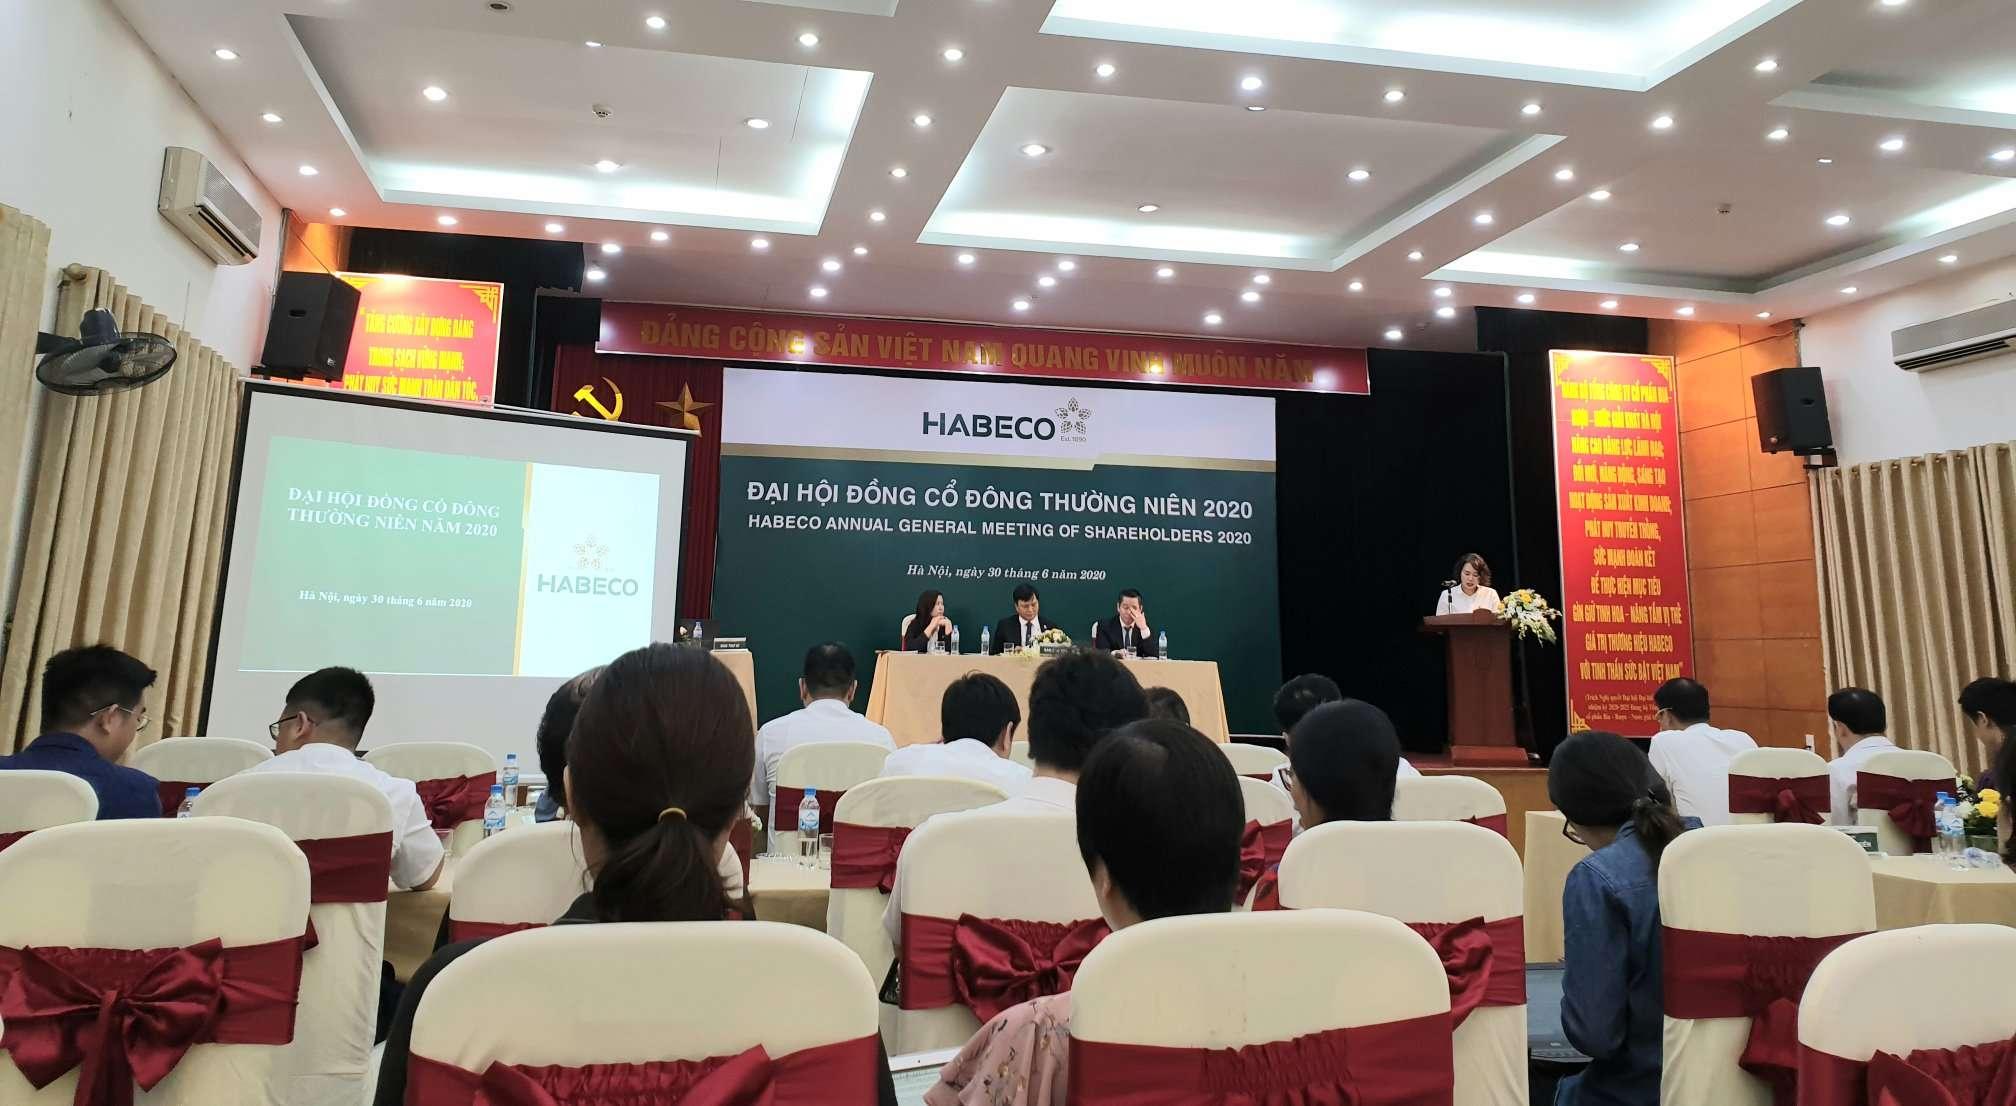 ĐHĐCĐ Habeco: Mục tiêu lợi nhuận sau thuế 248 tỷ đồng, đẩy mạnh thị trường miền Trung, Nam